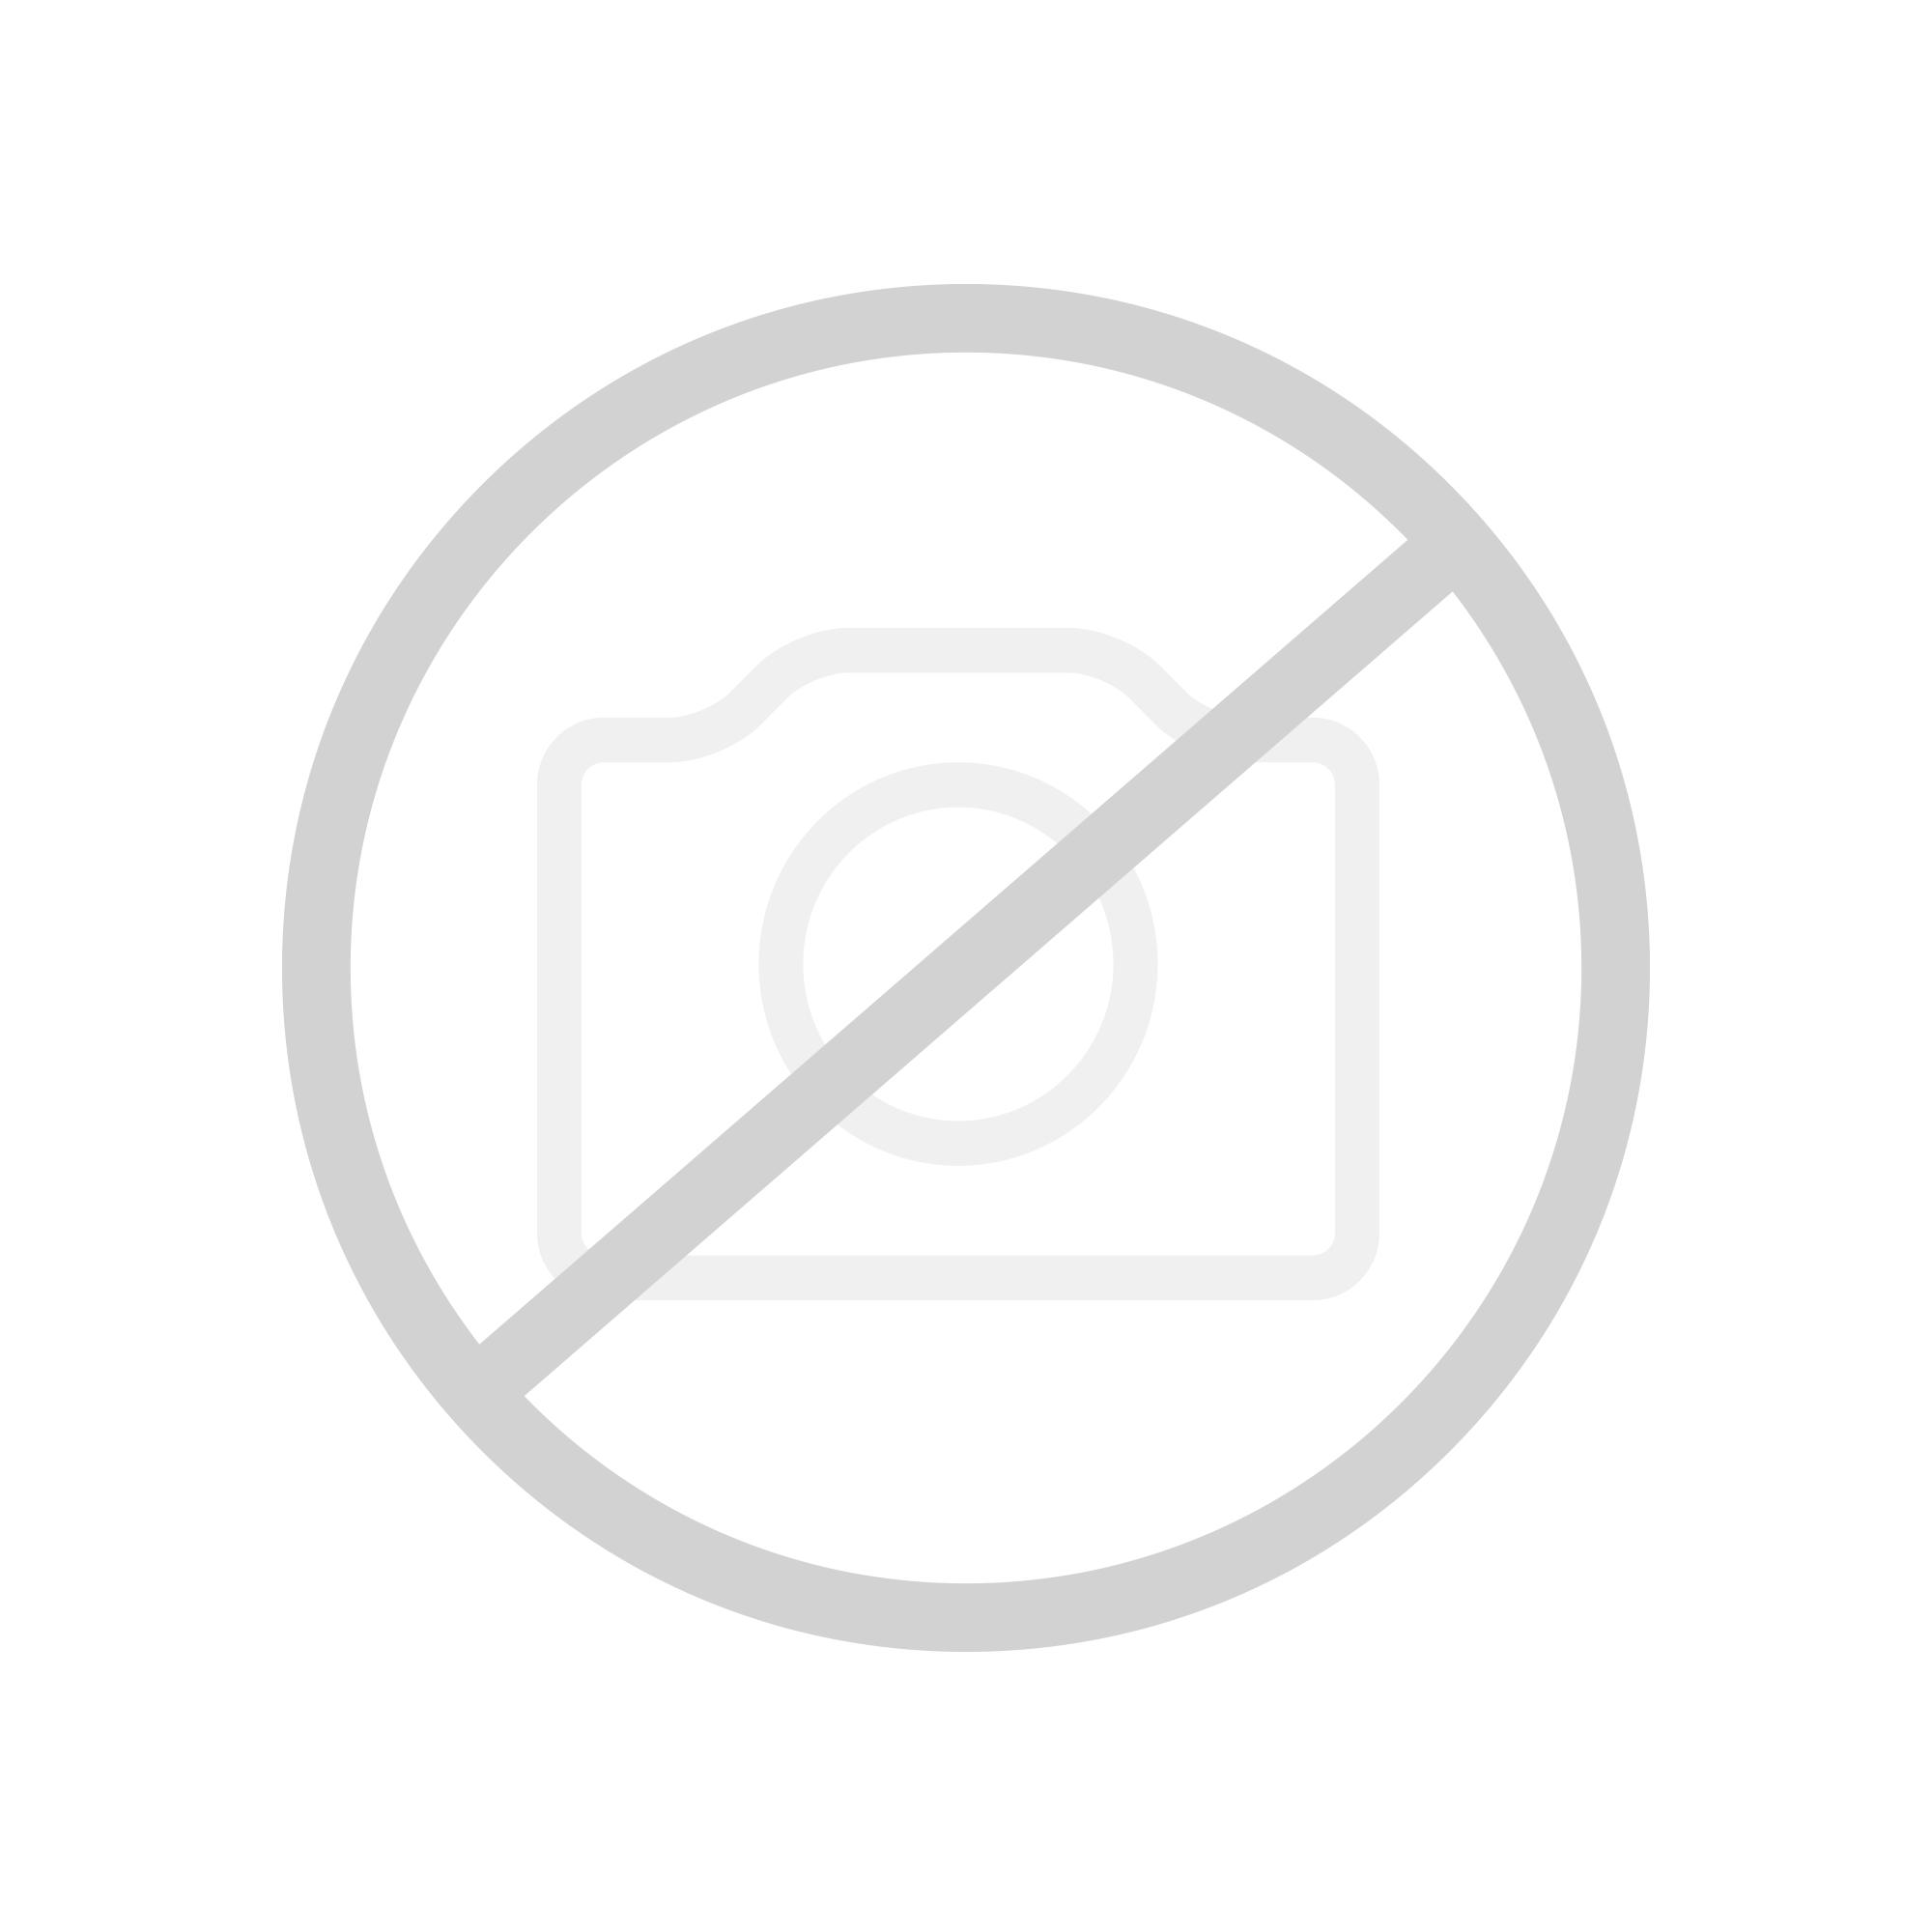 regendusche grohe ~ raum- und möbeldesign-inspiration - Regendusche Gunstig